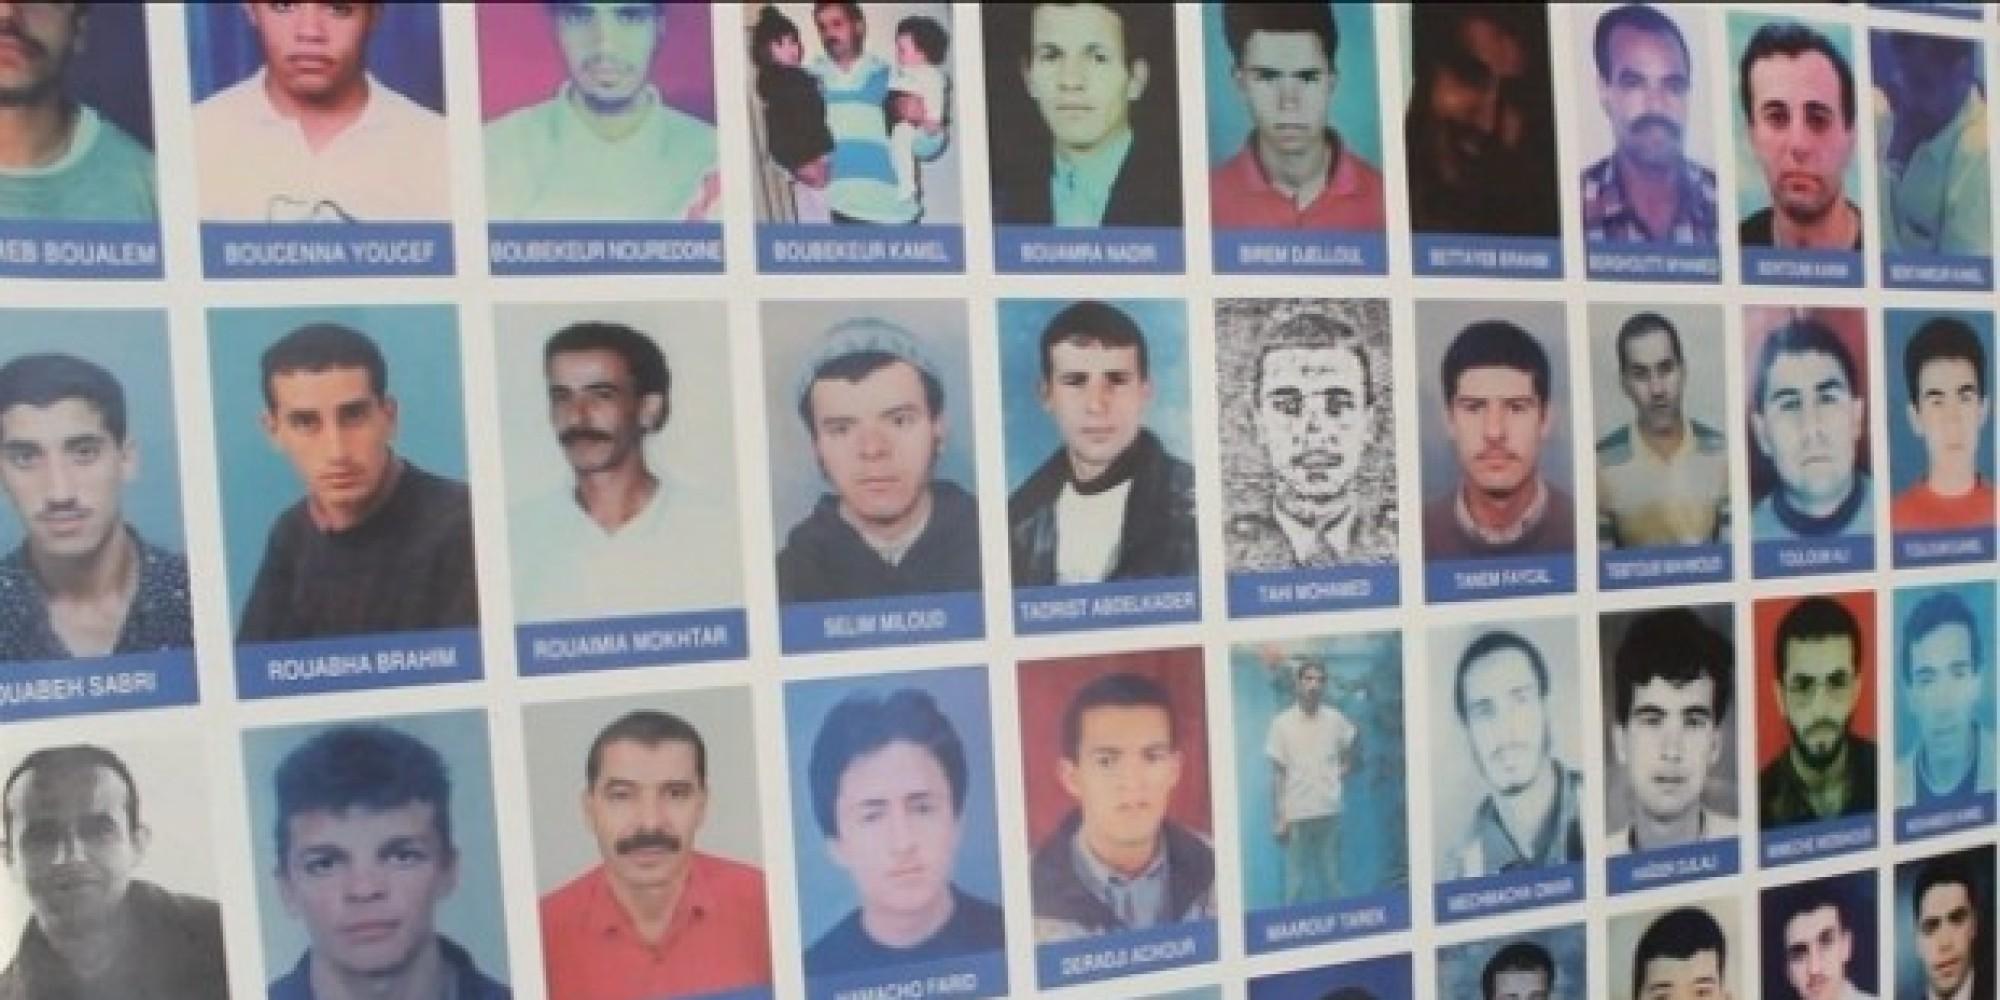 Un militant des droits de l'homme condamné à 5 ans de prison pour «apologie du terrorisme» sur Facebook